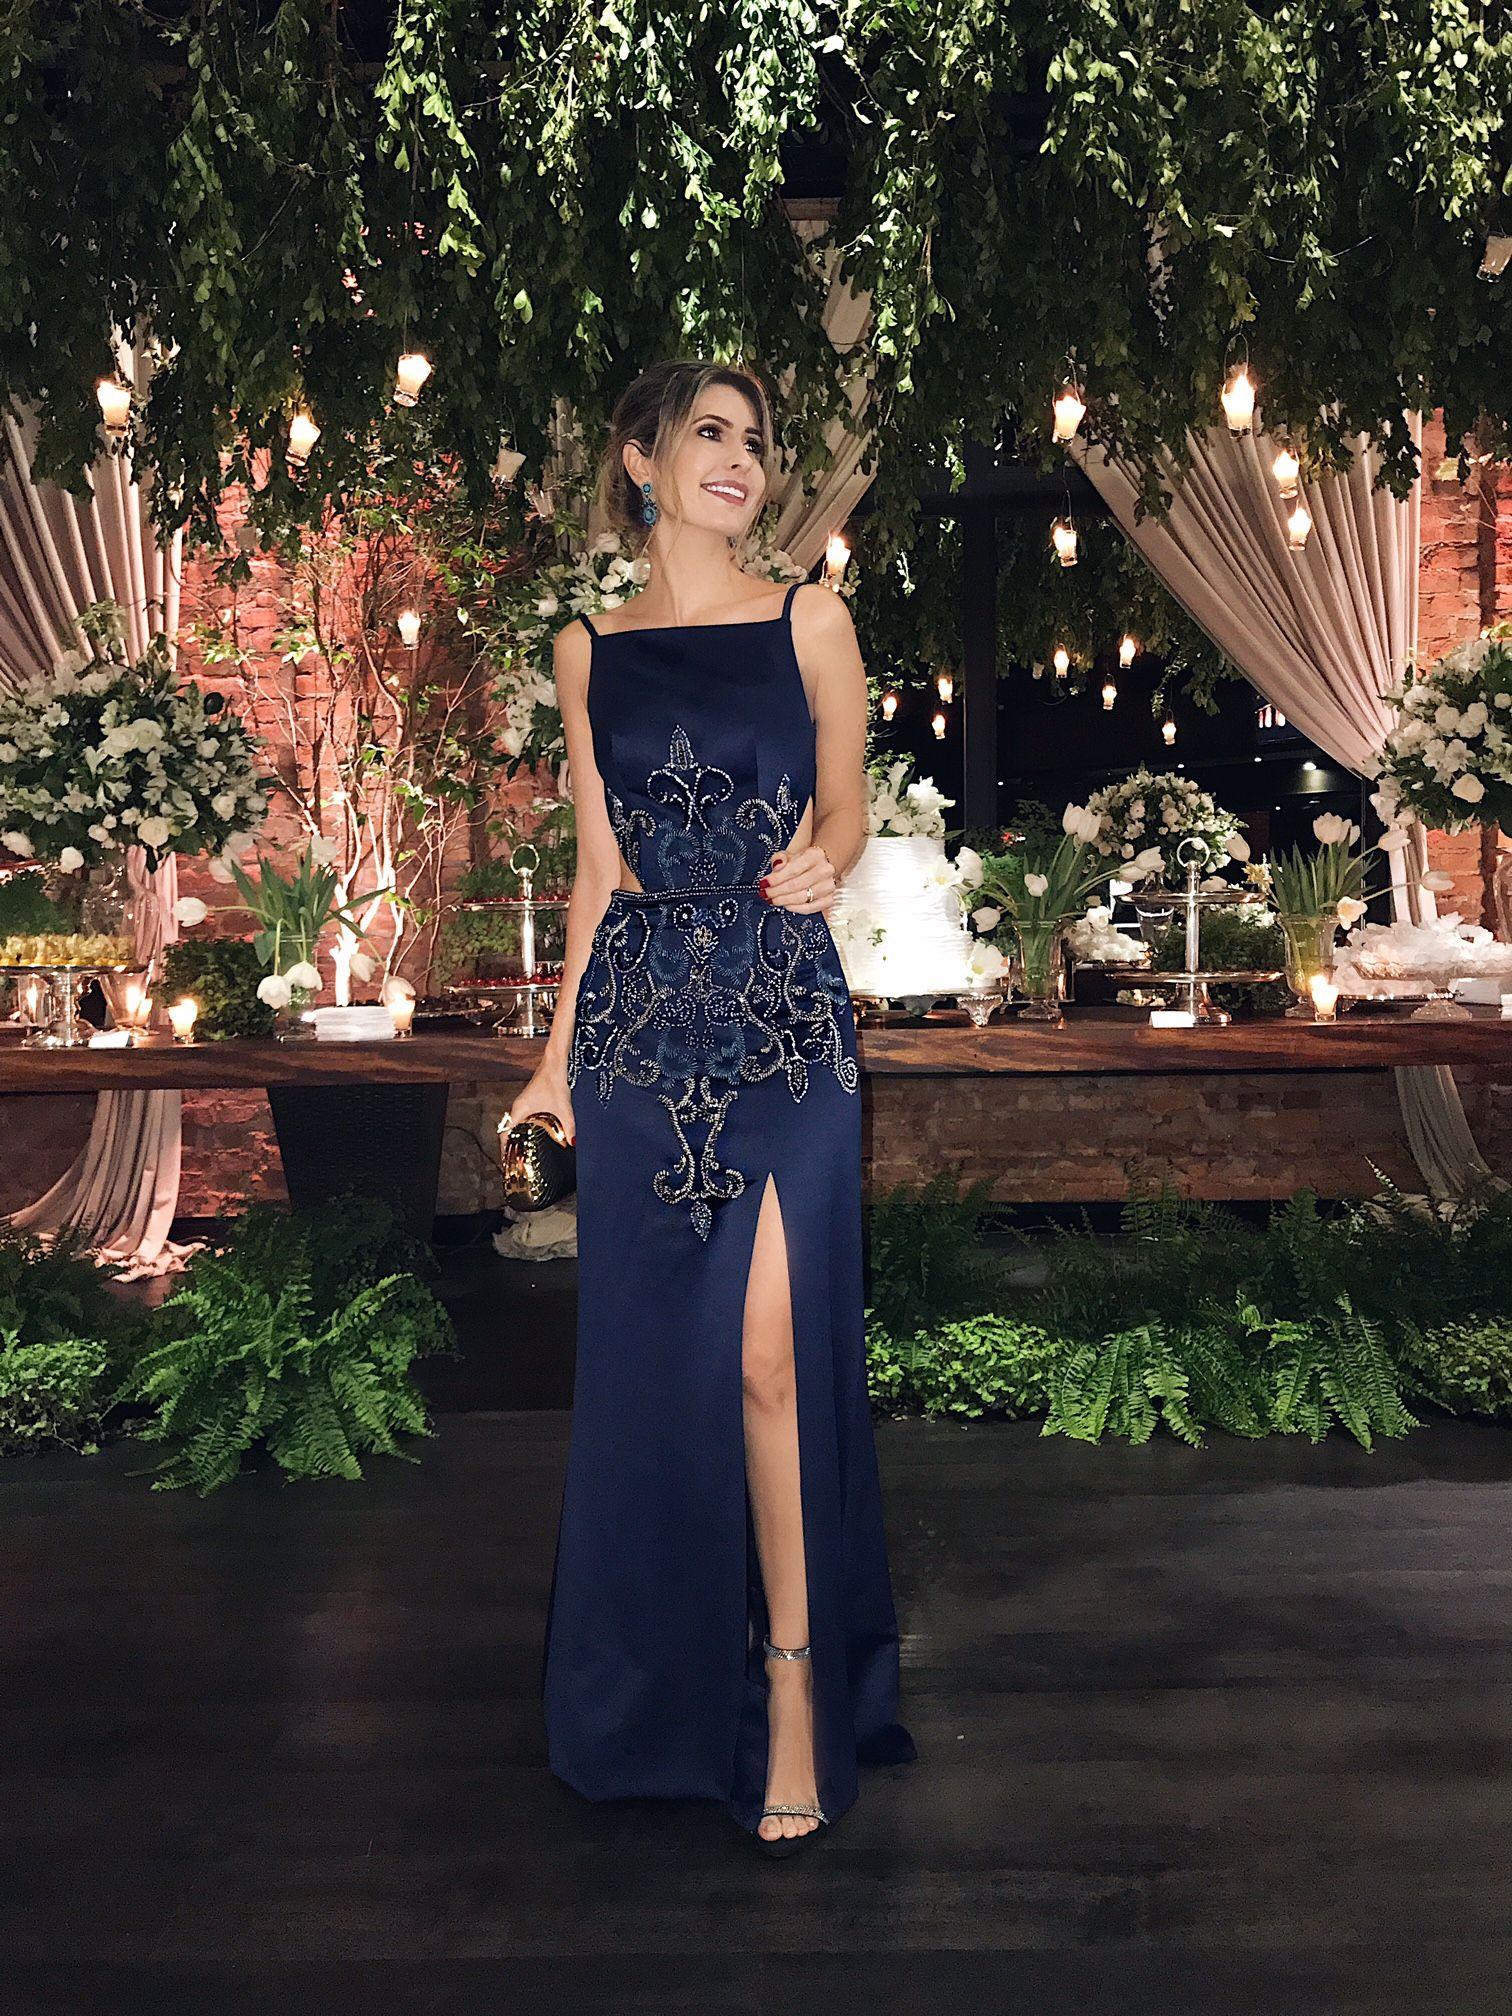 3cbfe9ca9 Look de festa da Carol Tognon com vestido longo azul marinho e pedras com  bordado, assim como fendas na perna e na lateral da barriga